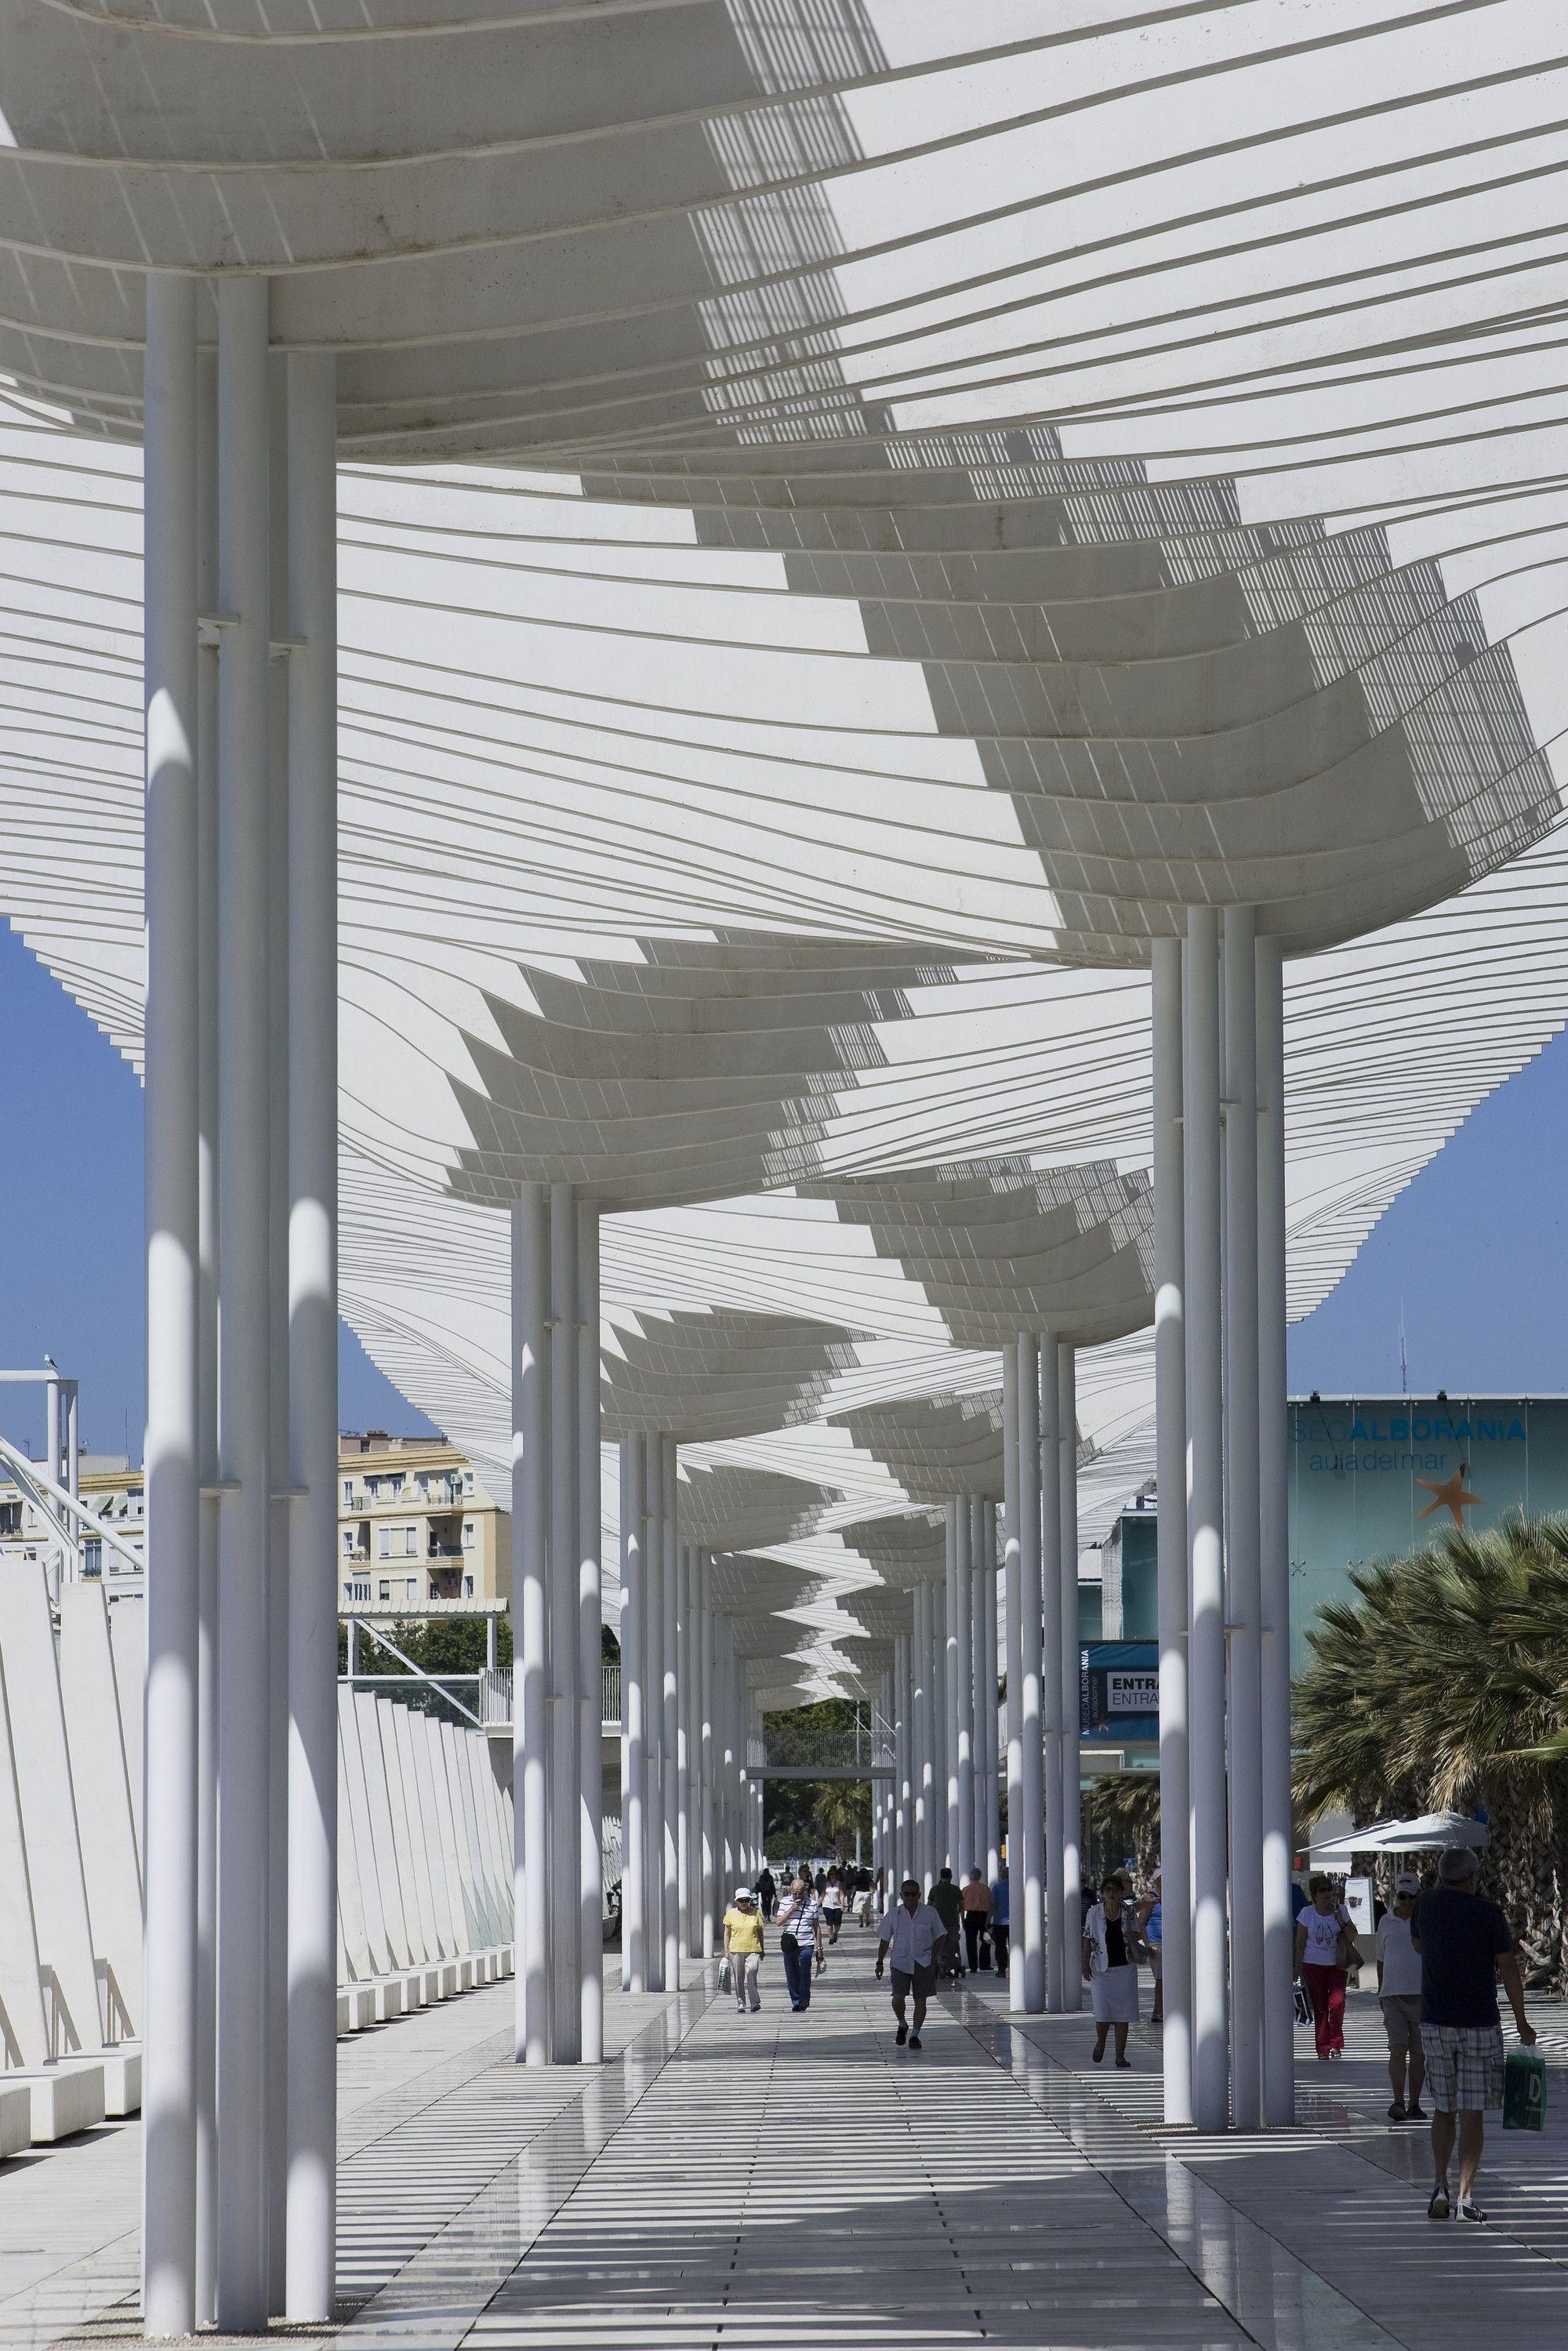 El palmeral de las sorpresas junquera arquitectos arq - Arquitectos interioristas malaga ...